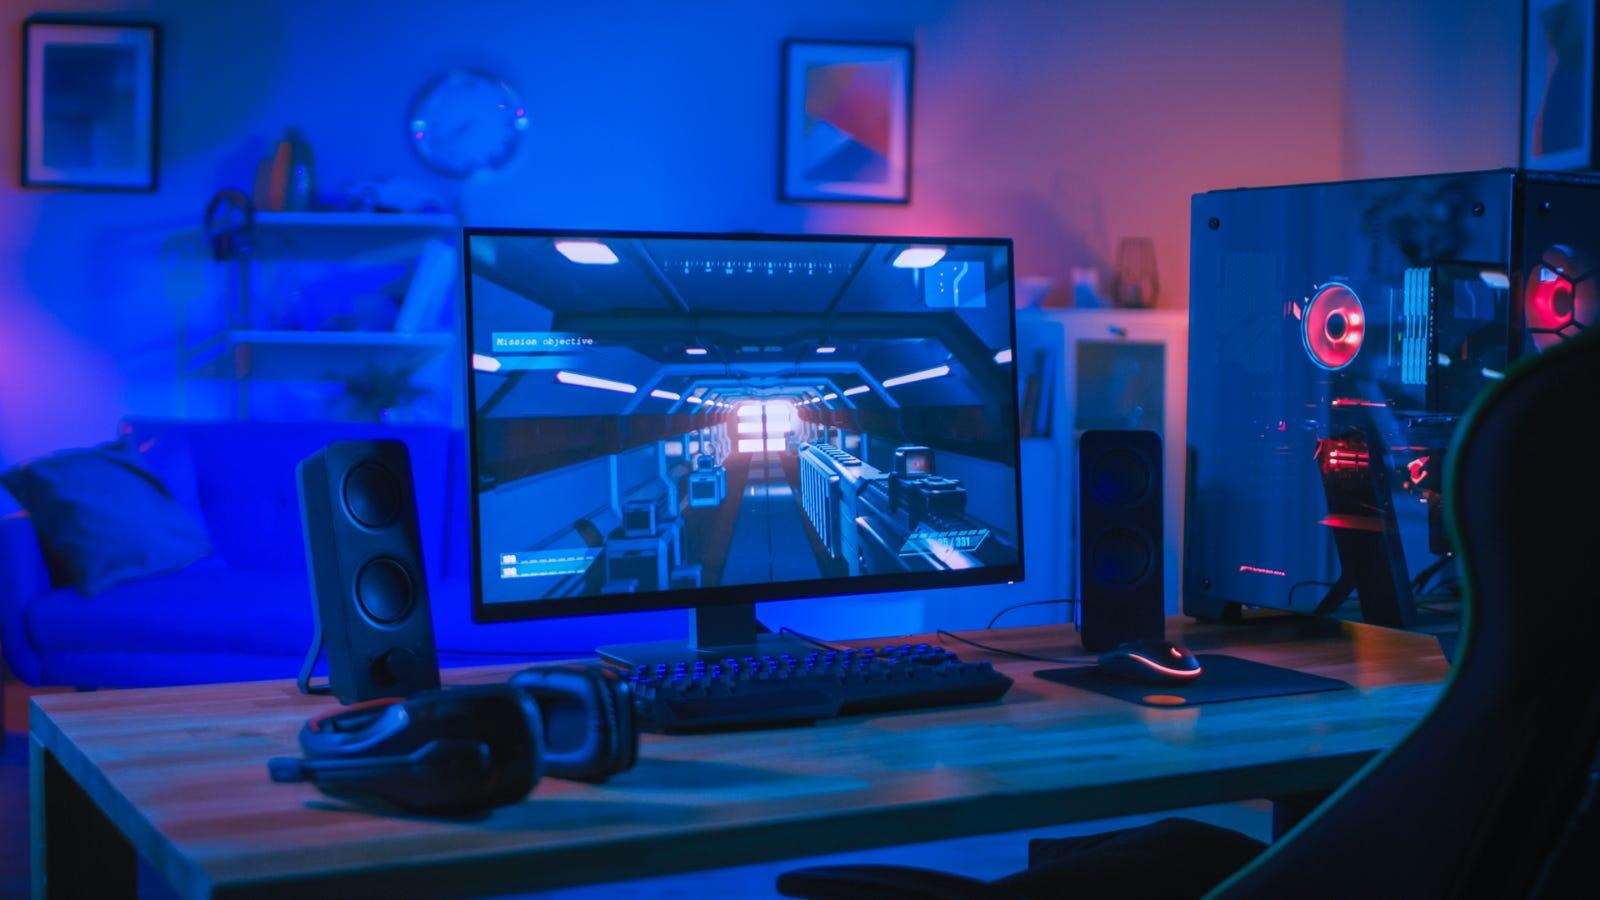 شاشة ألعاب سطح المكتب مع جهاز كمبيوتر